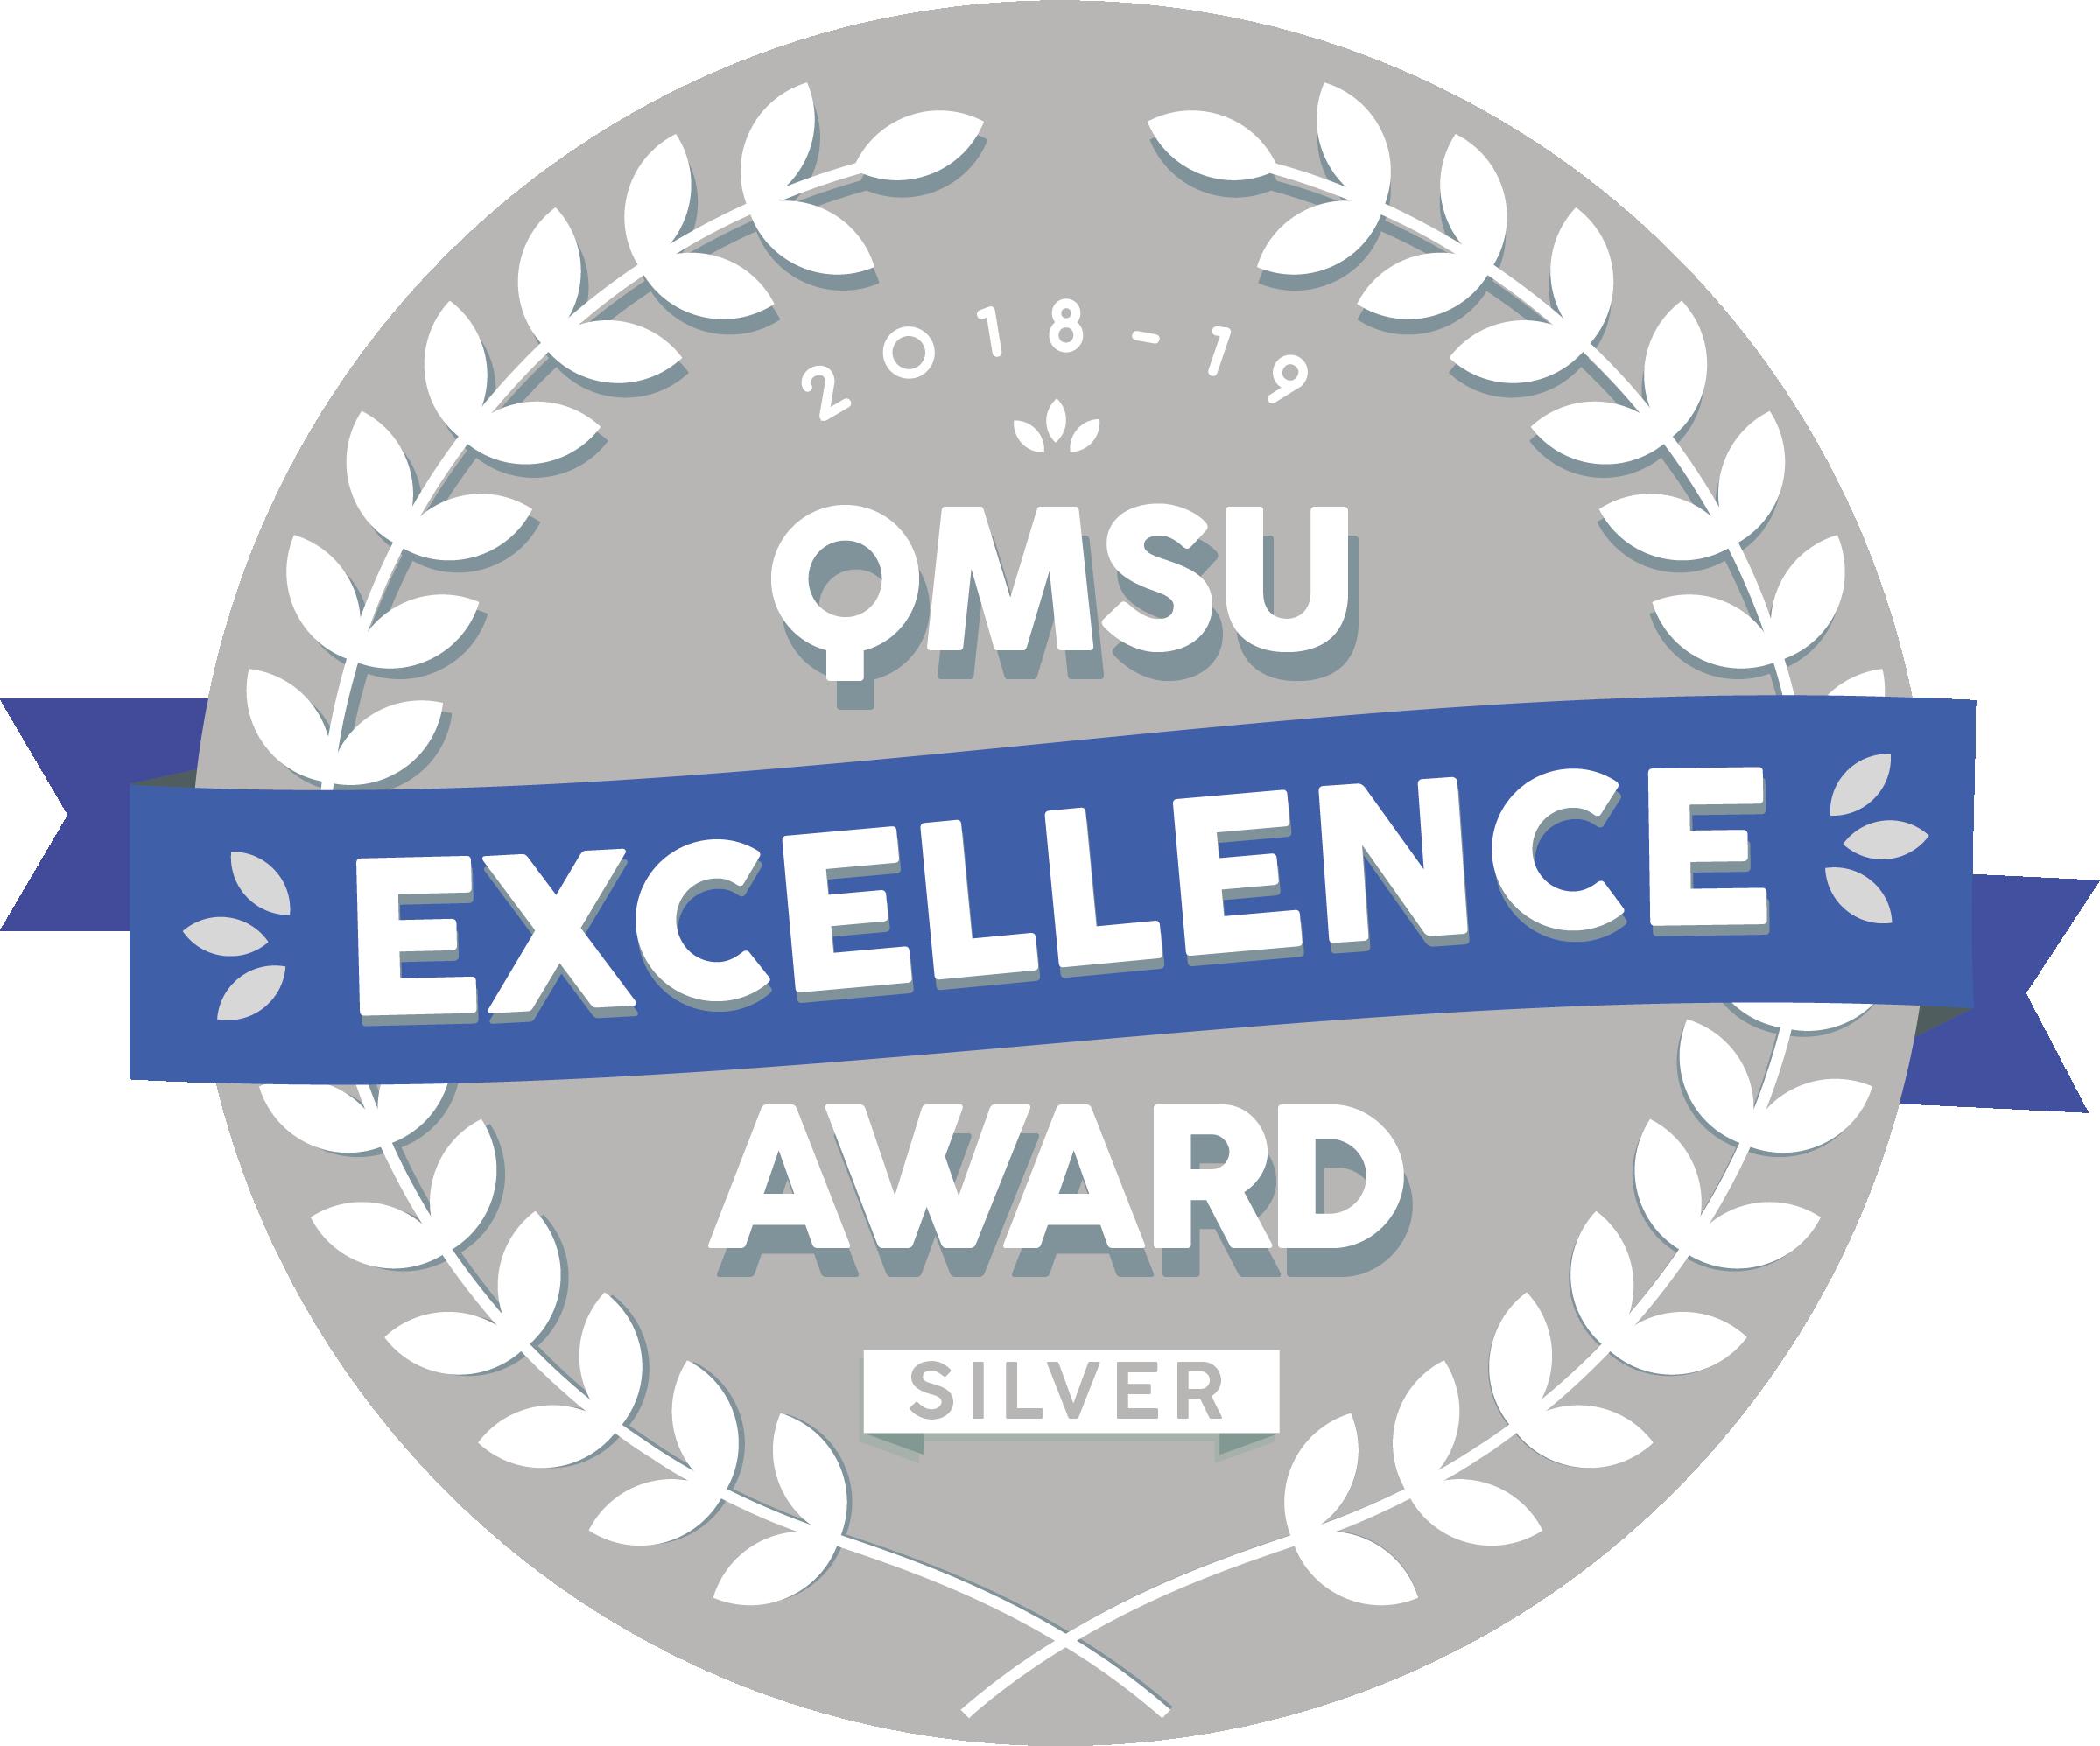 Union Excellence Award logo